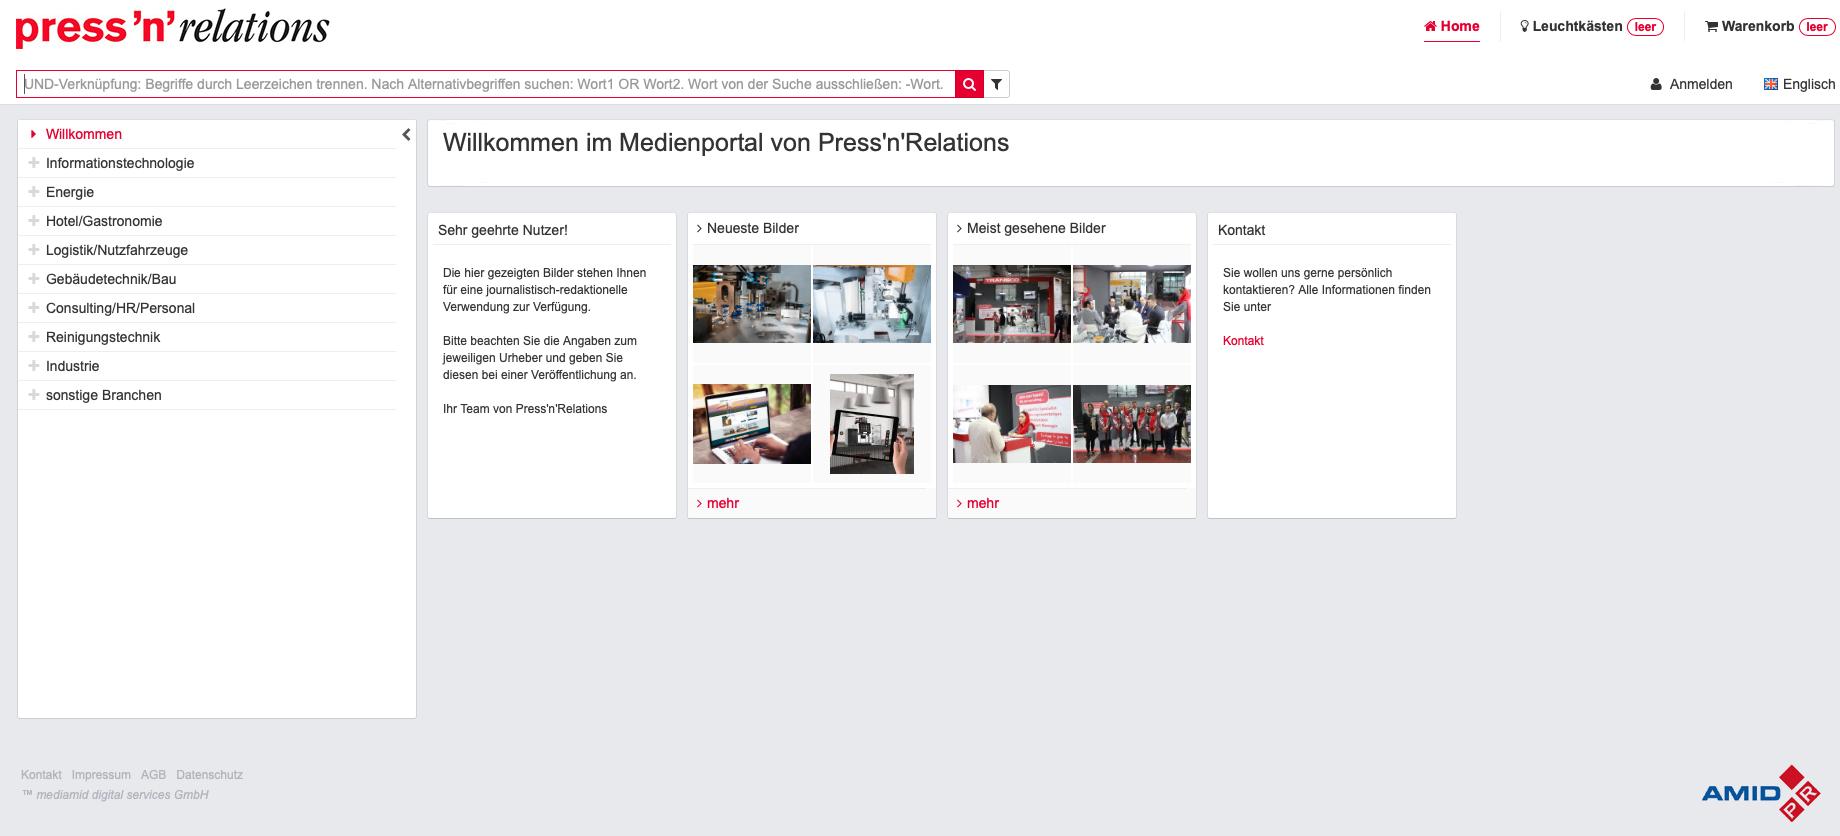 Mit AMID PR, der Mediathek von PressFile, Content online verteilen